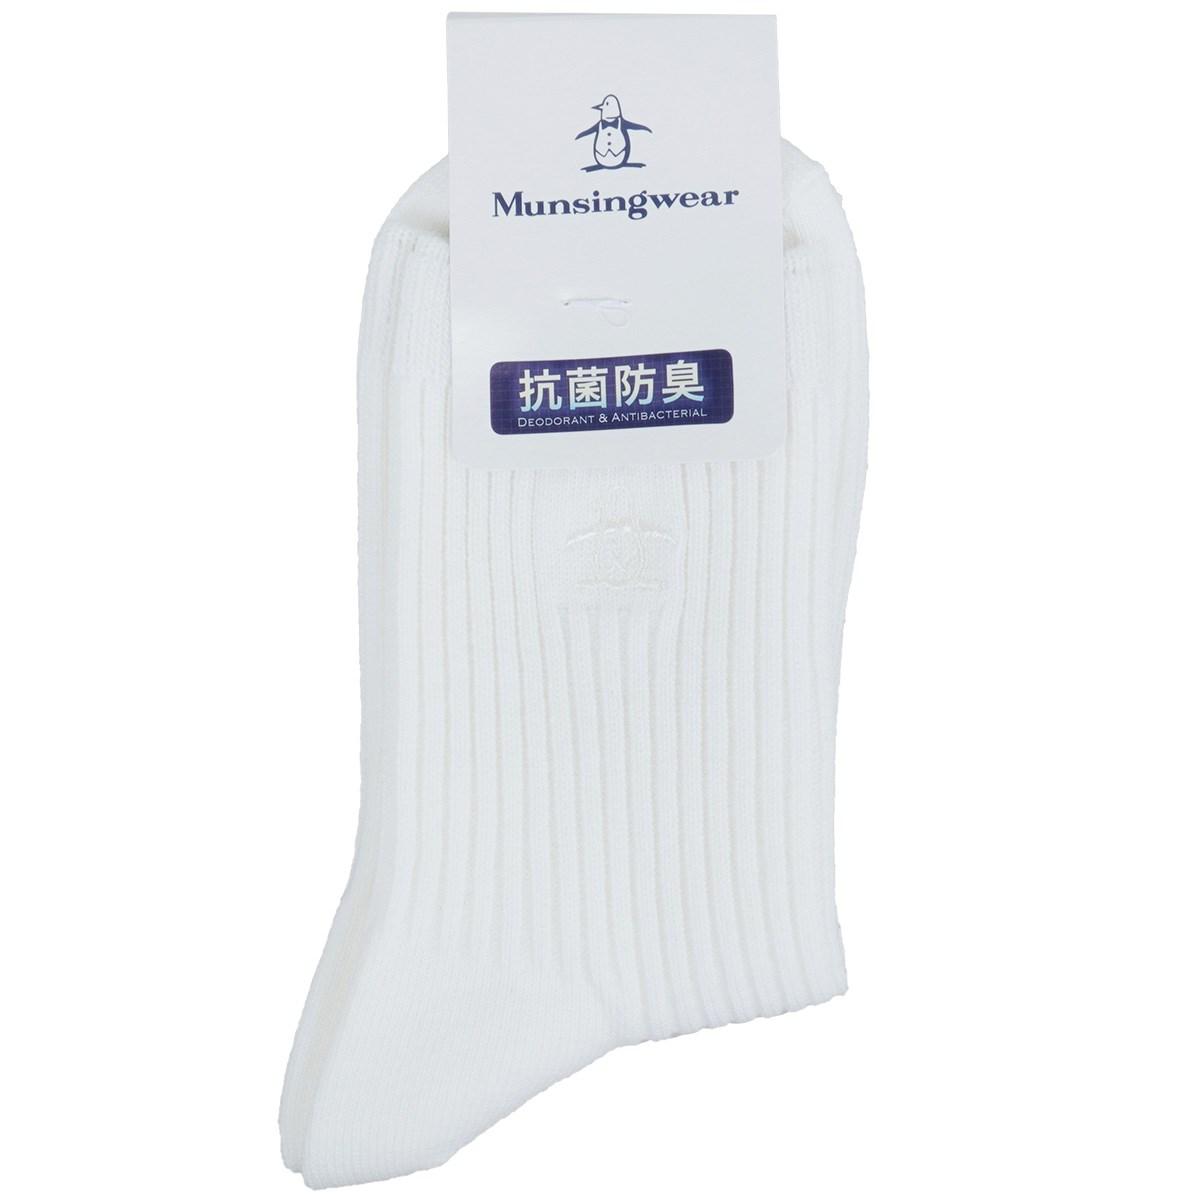 マンシングウェア Munsingwear クルーソックス フリー ホワイト 00 レディス